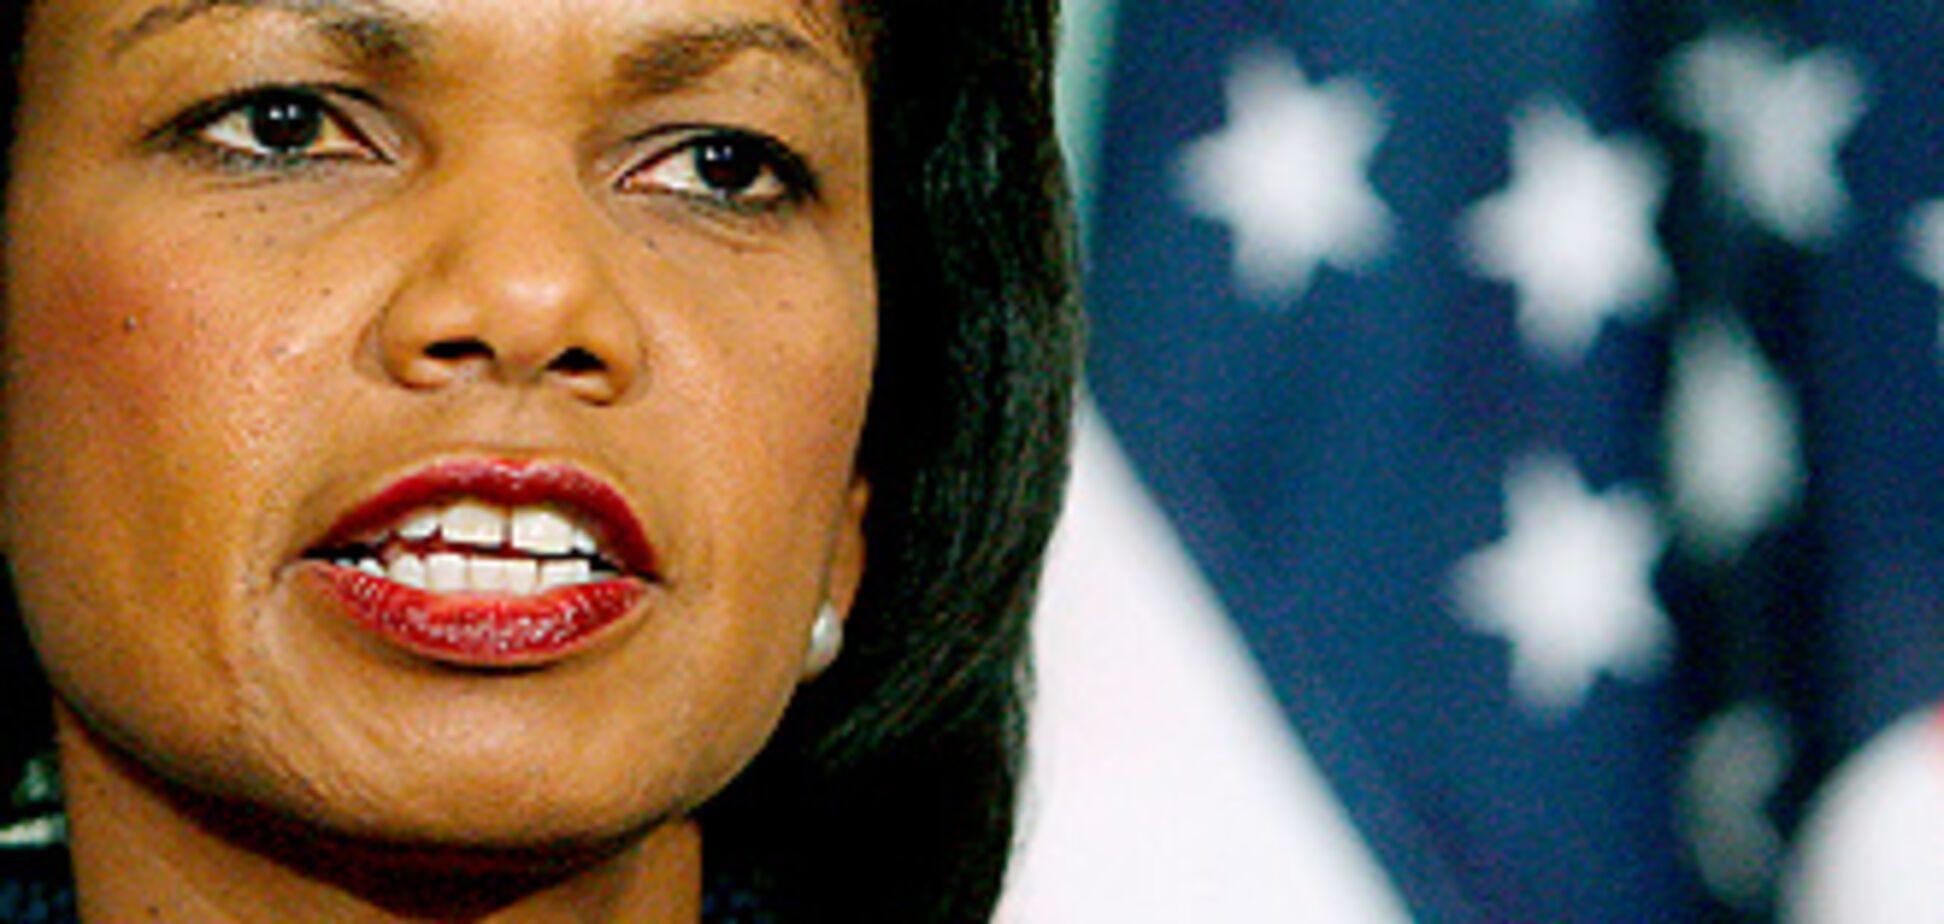 Кондоліза Райс особисто схвалила проведення тортур в ЦРУ